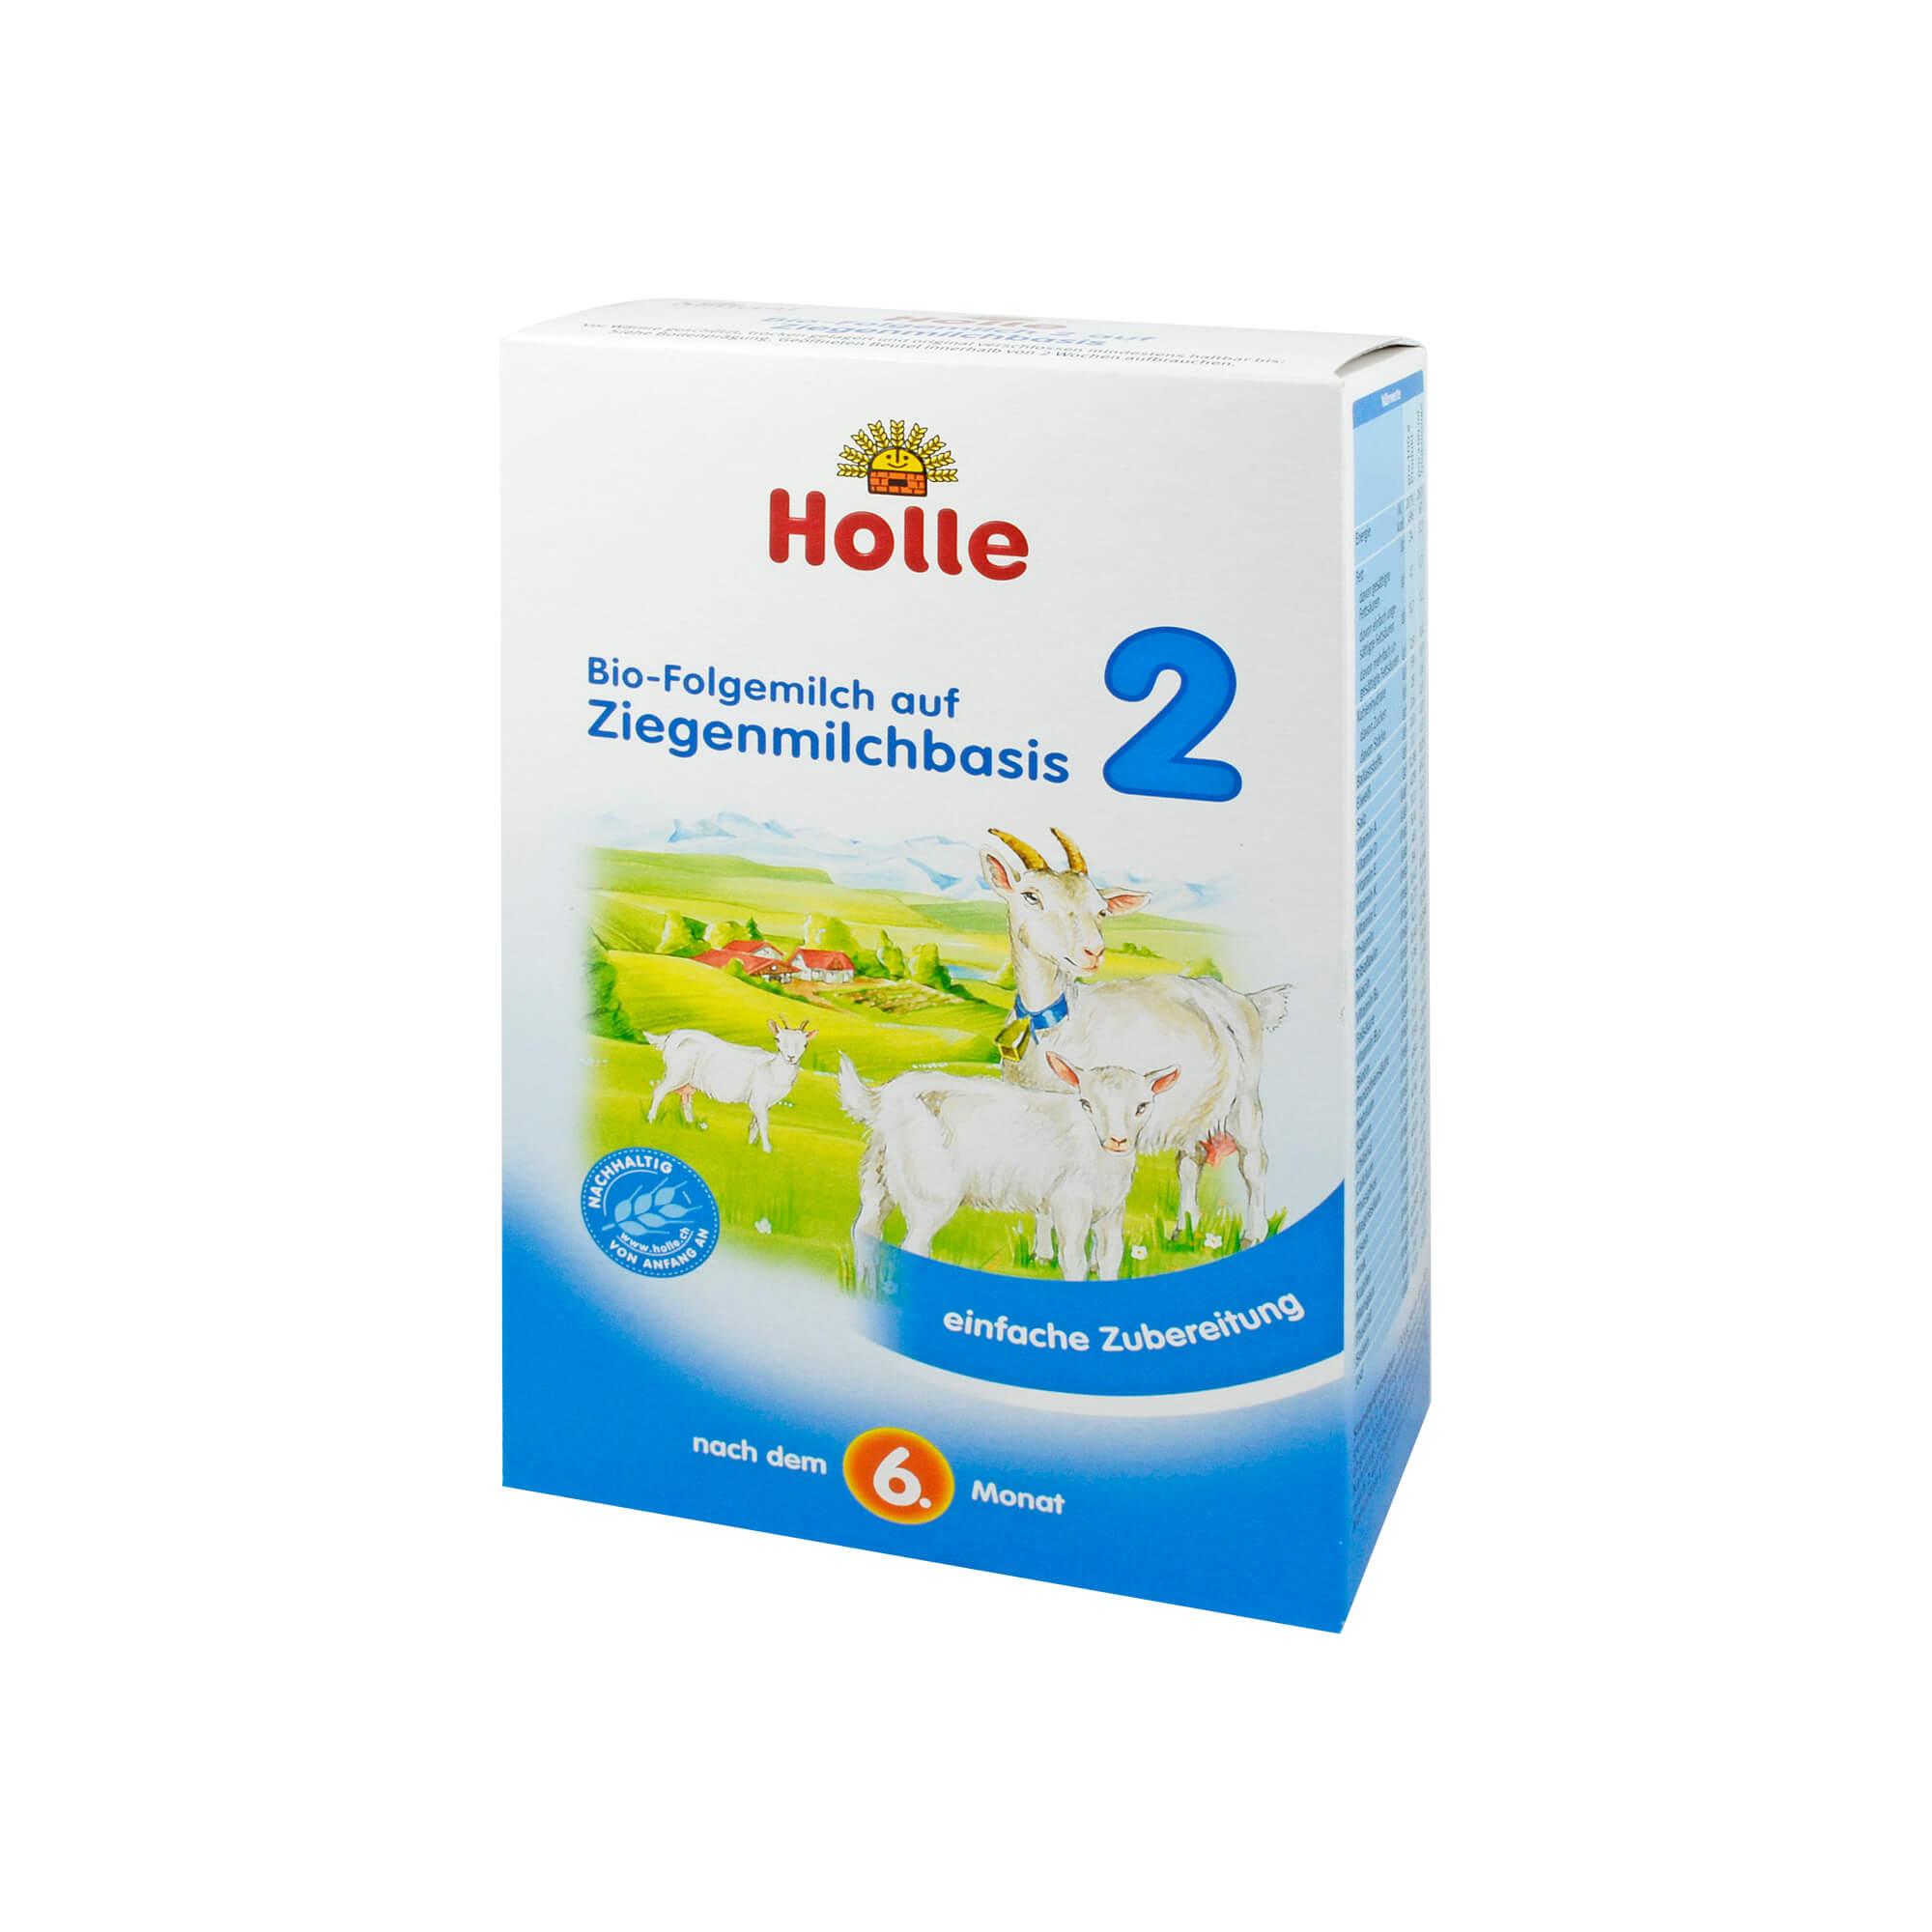 Holle Bio Folgemilch 2 Auf Ziegenmilchbasis Pulver